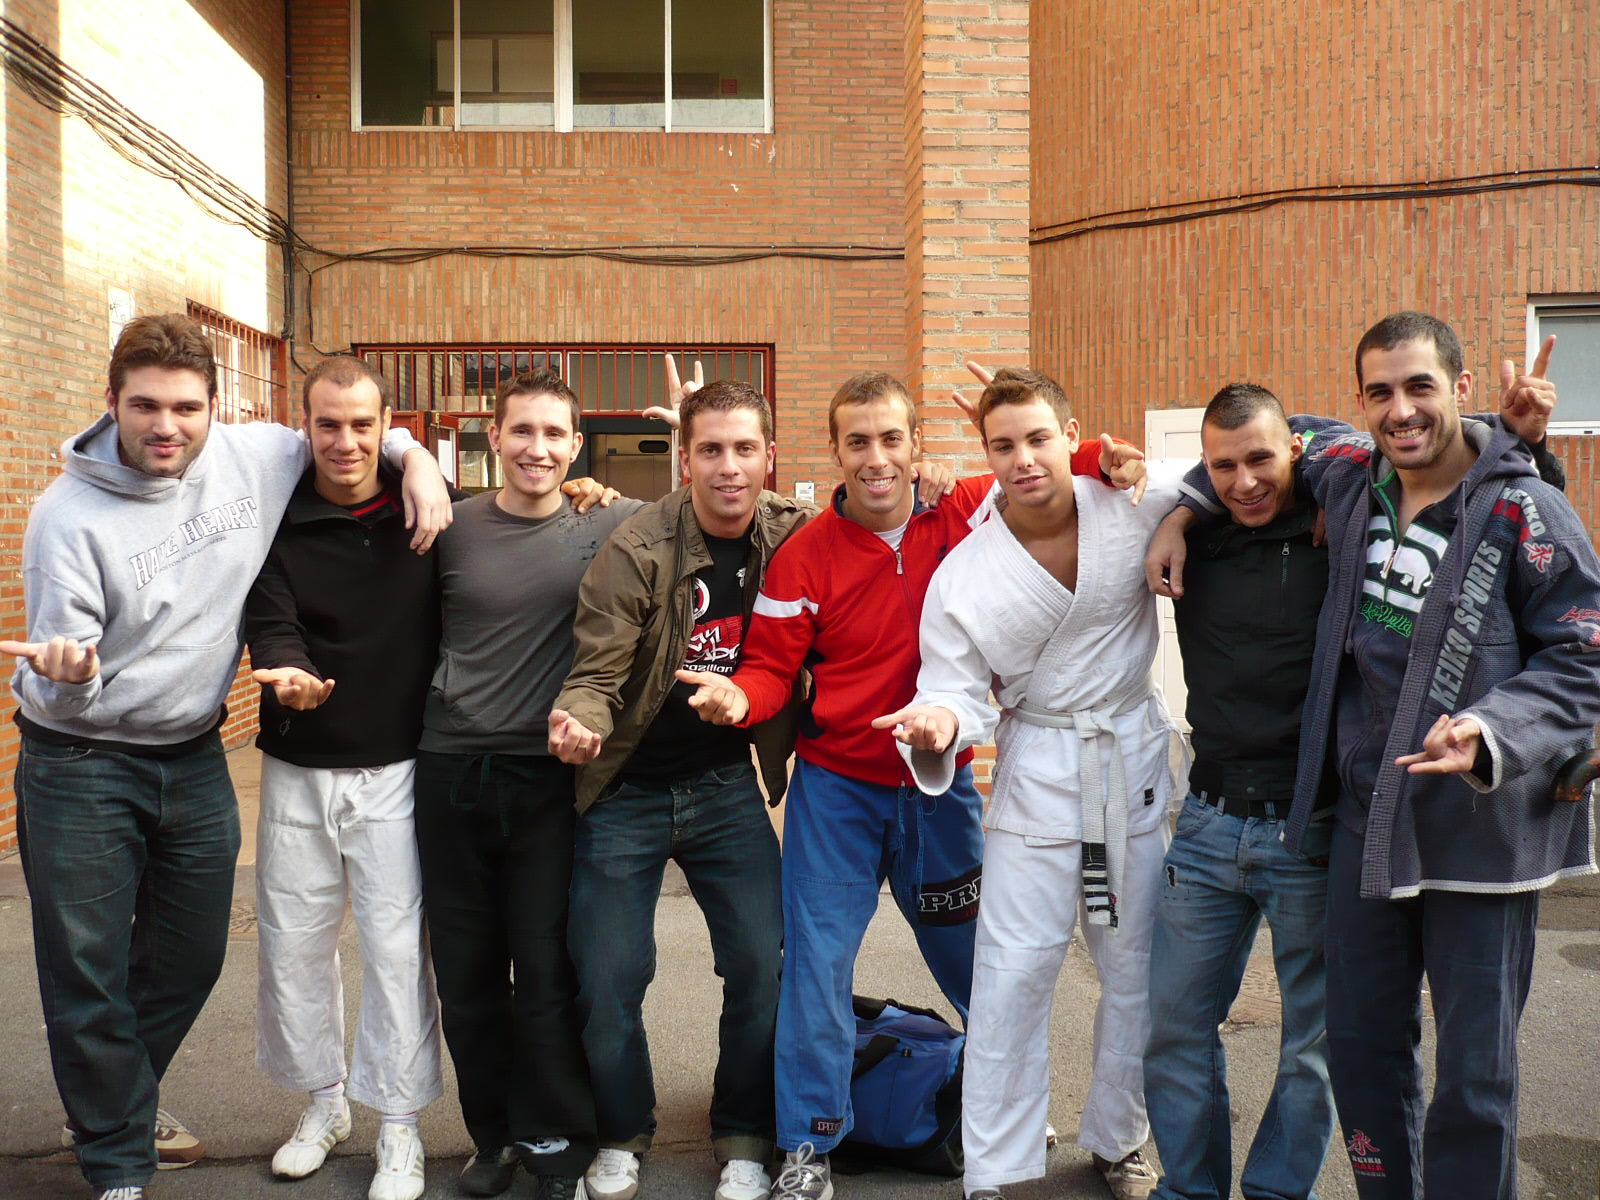 Equipo Aranha BJJ Barcelona en el lugar de la competición